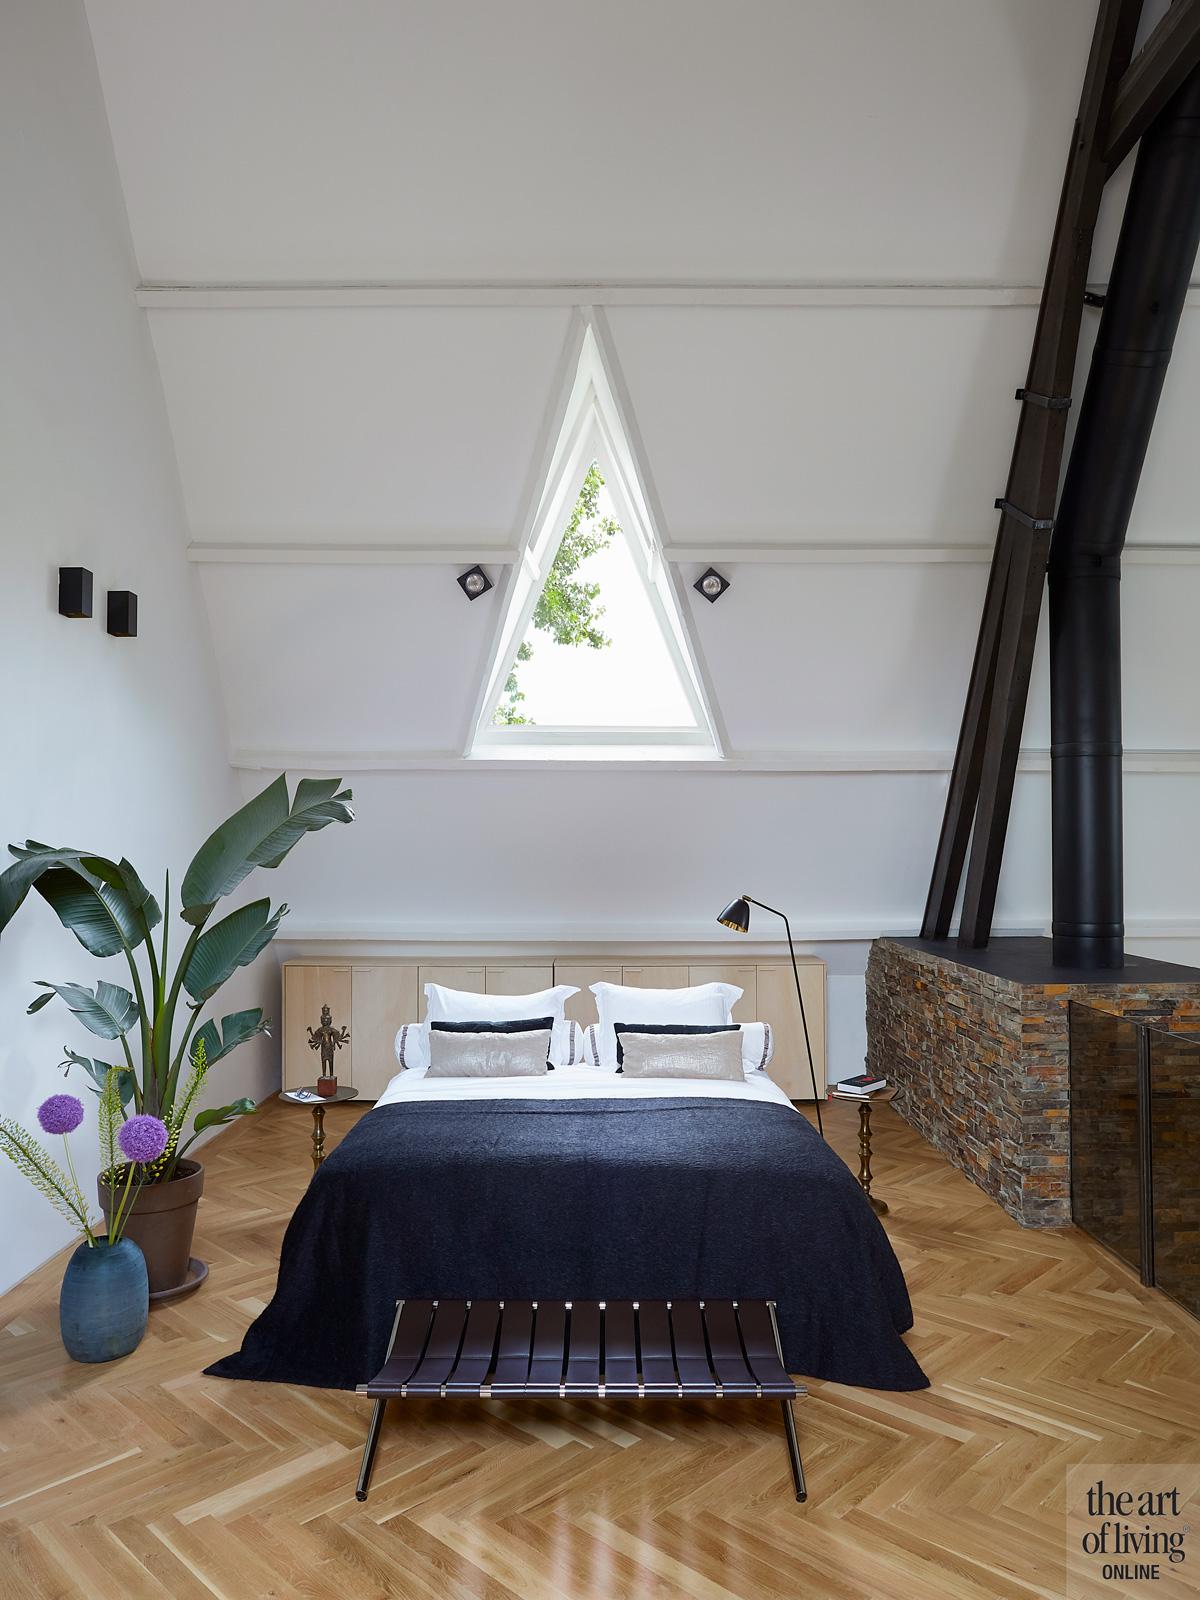 Slaapkamer, master bedroom, bed, schuine wand, houten vloer, parket, woning in kerk, Osiris Hertman